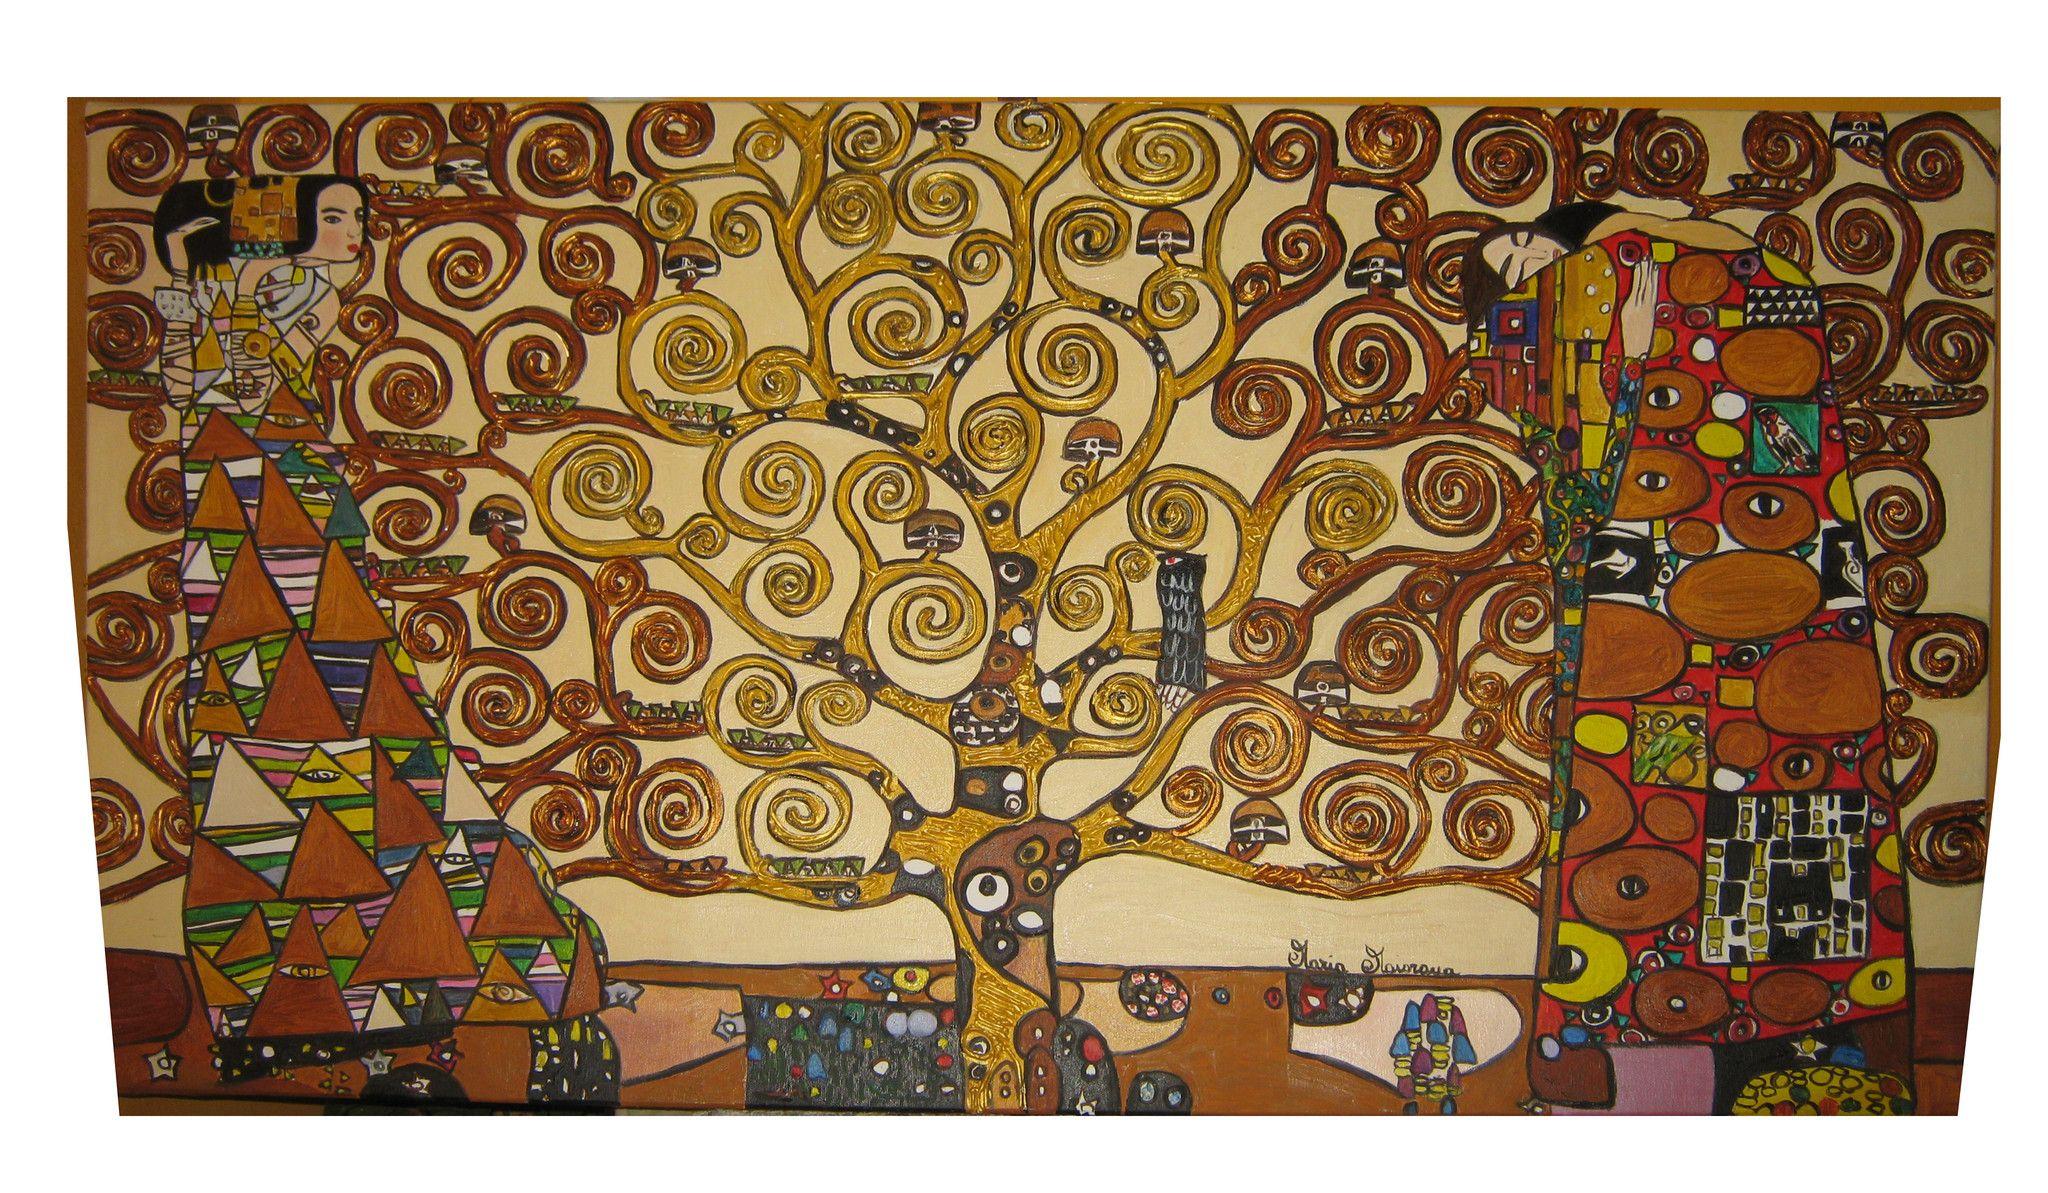 L'albero della vita - Copia di Gustav Klimt - 140x90